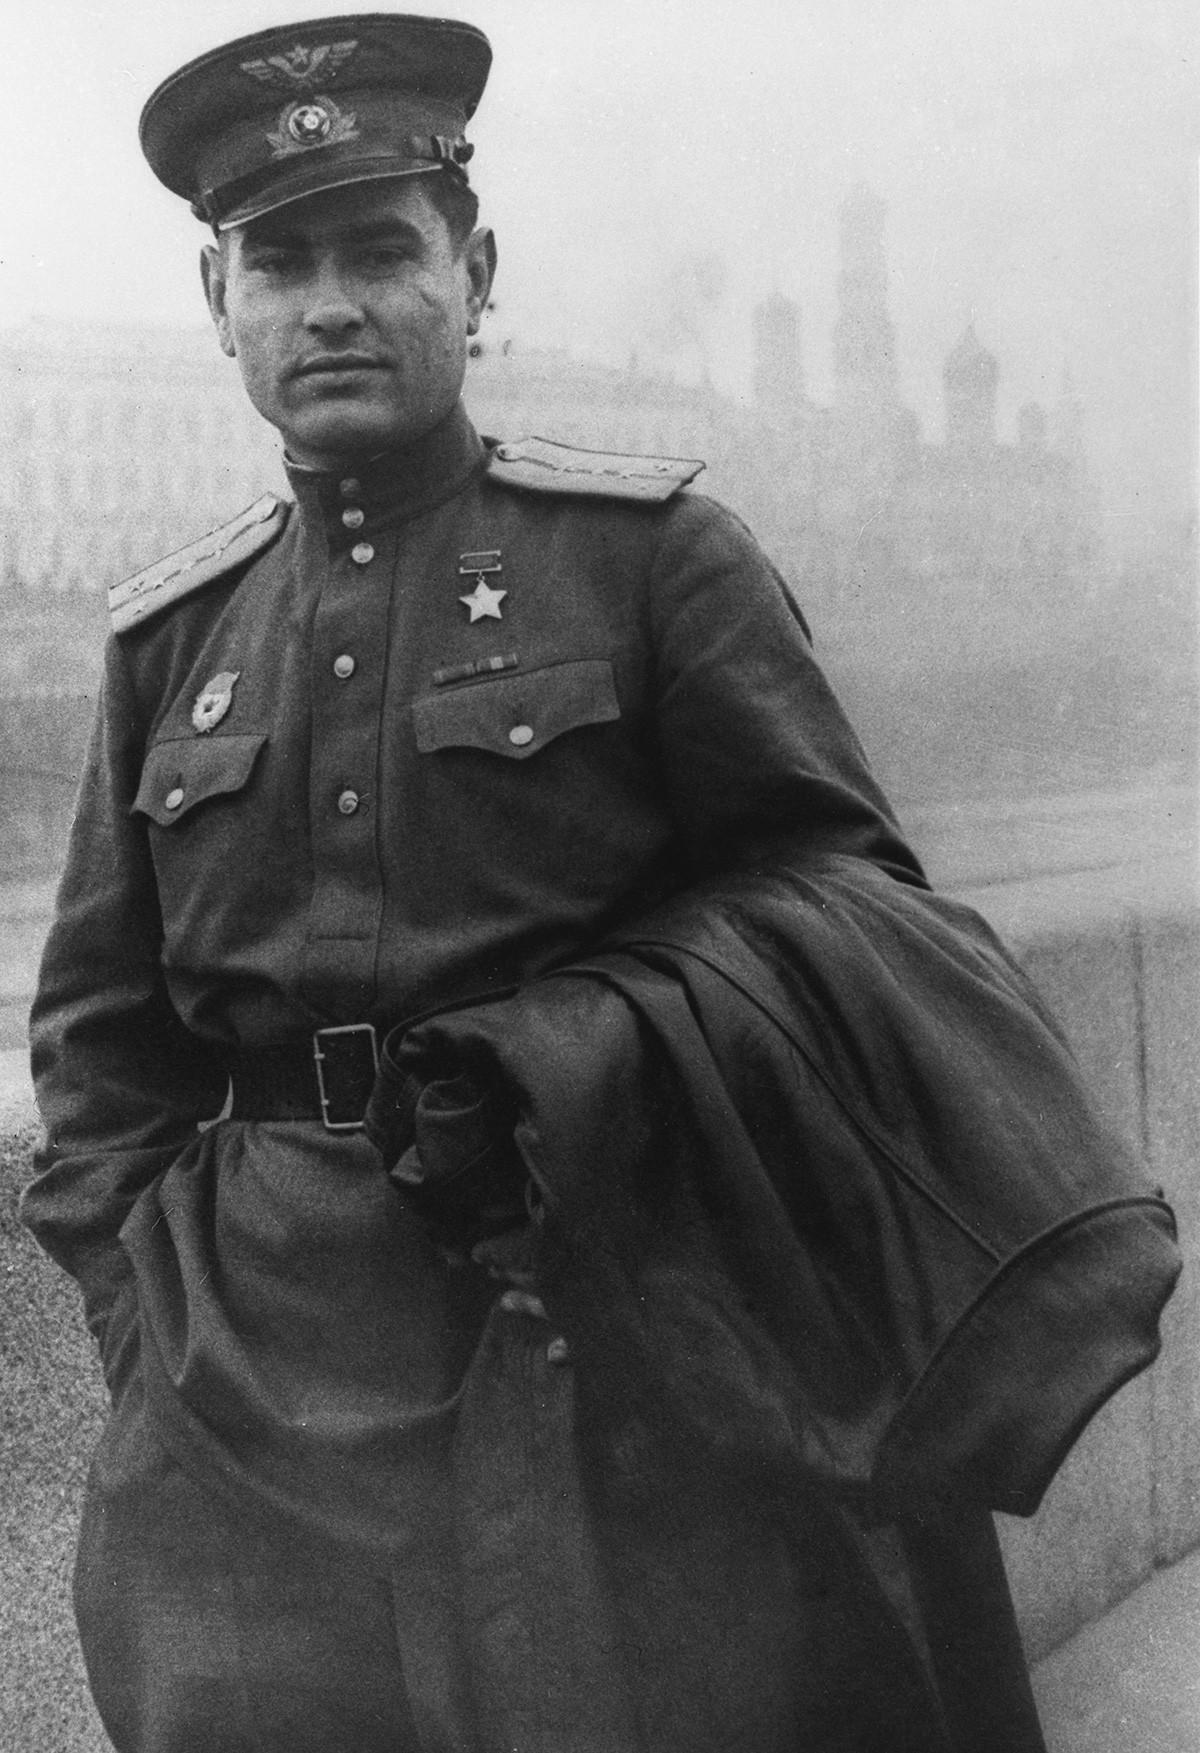 1 януари 1943 година, СССР. Съветският герой от Втората световна война Алексей Маресиев.